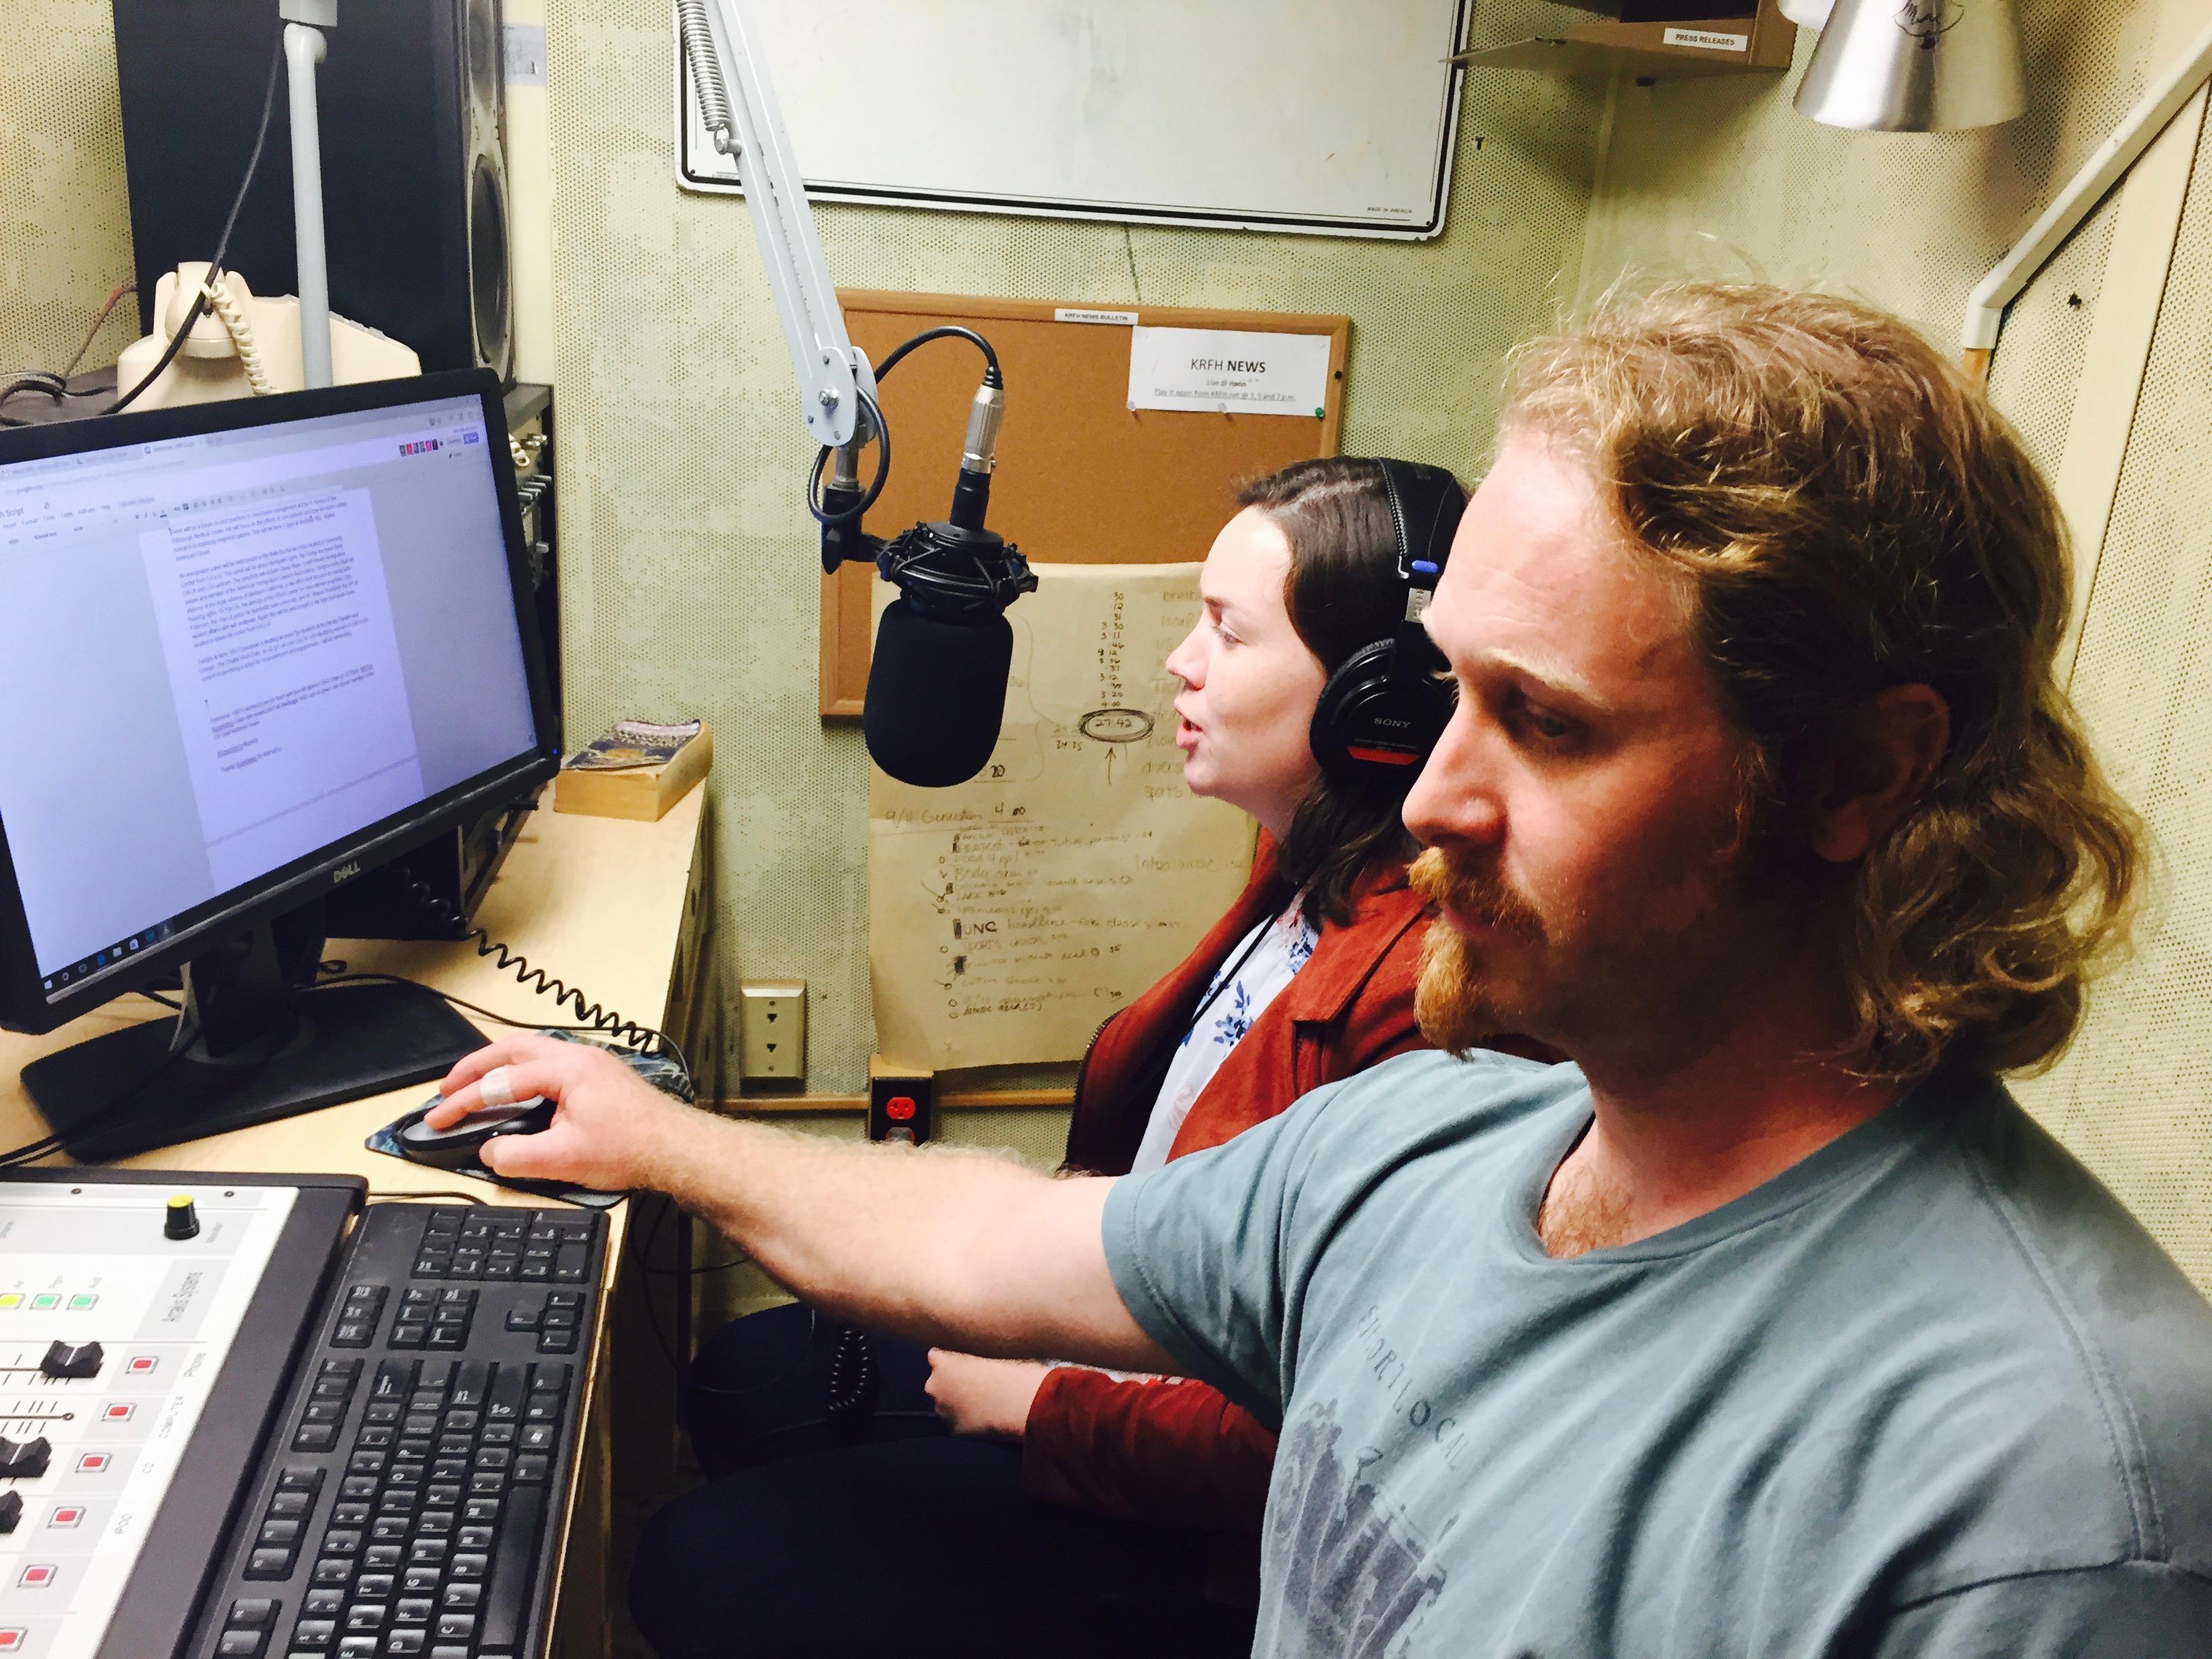 KRFH News team in action